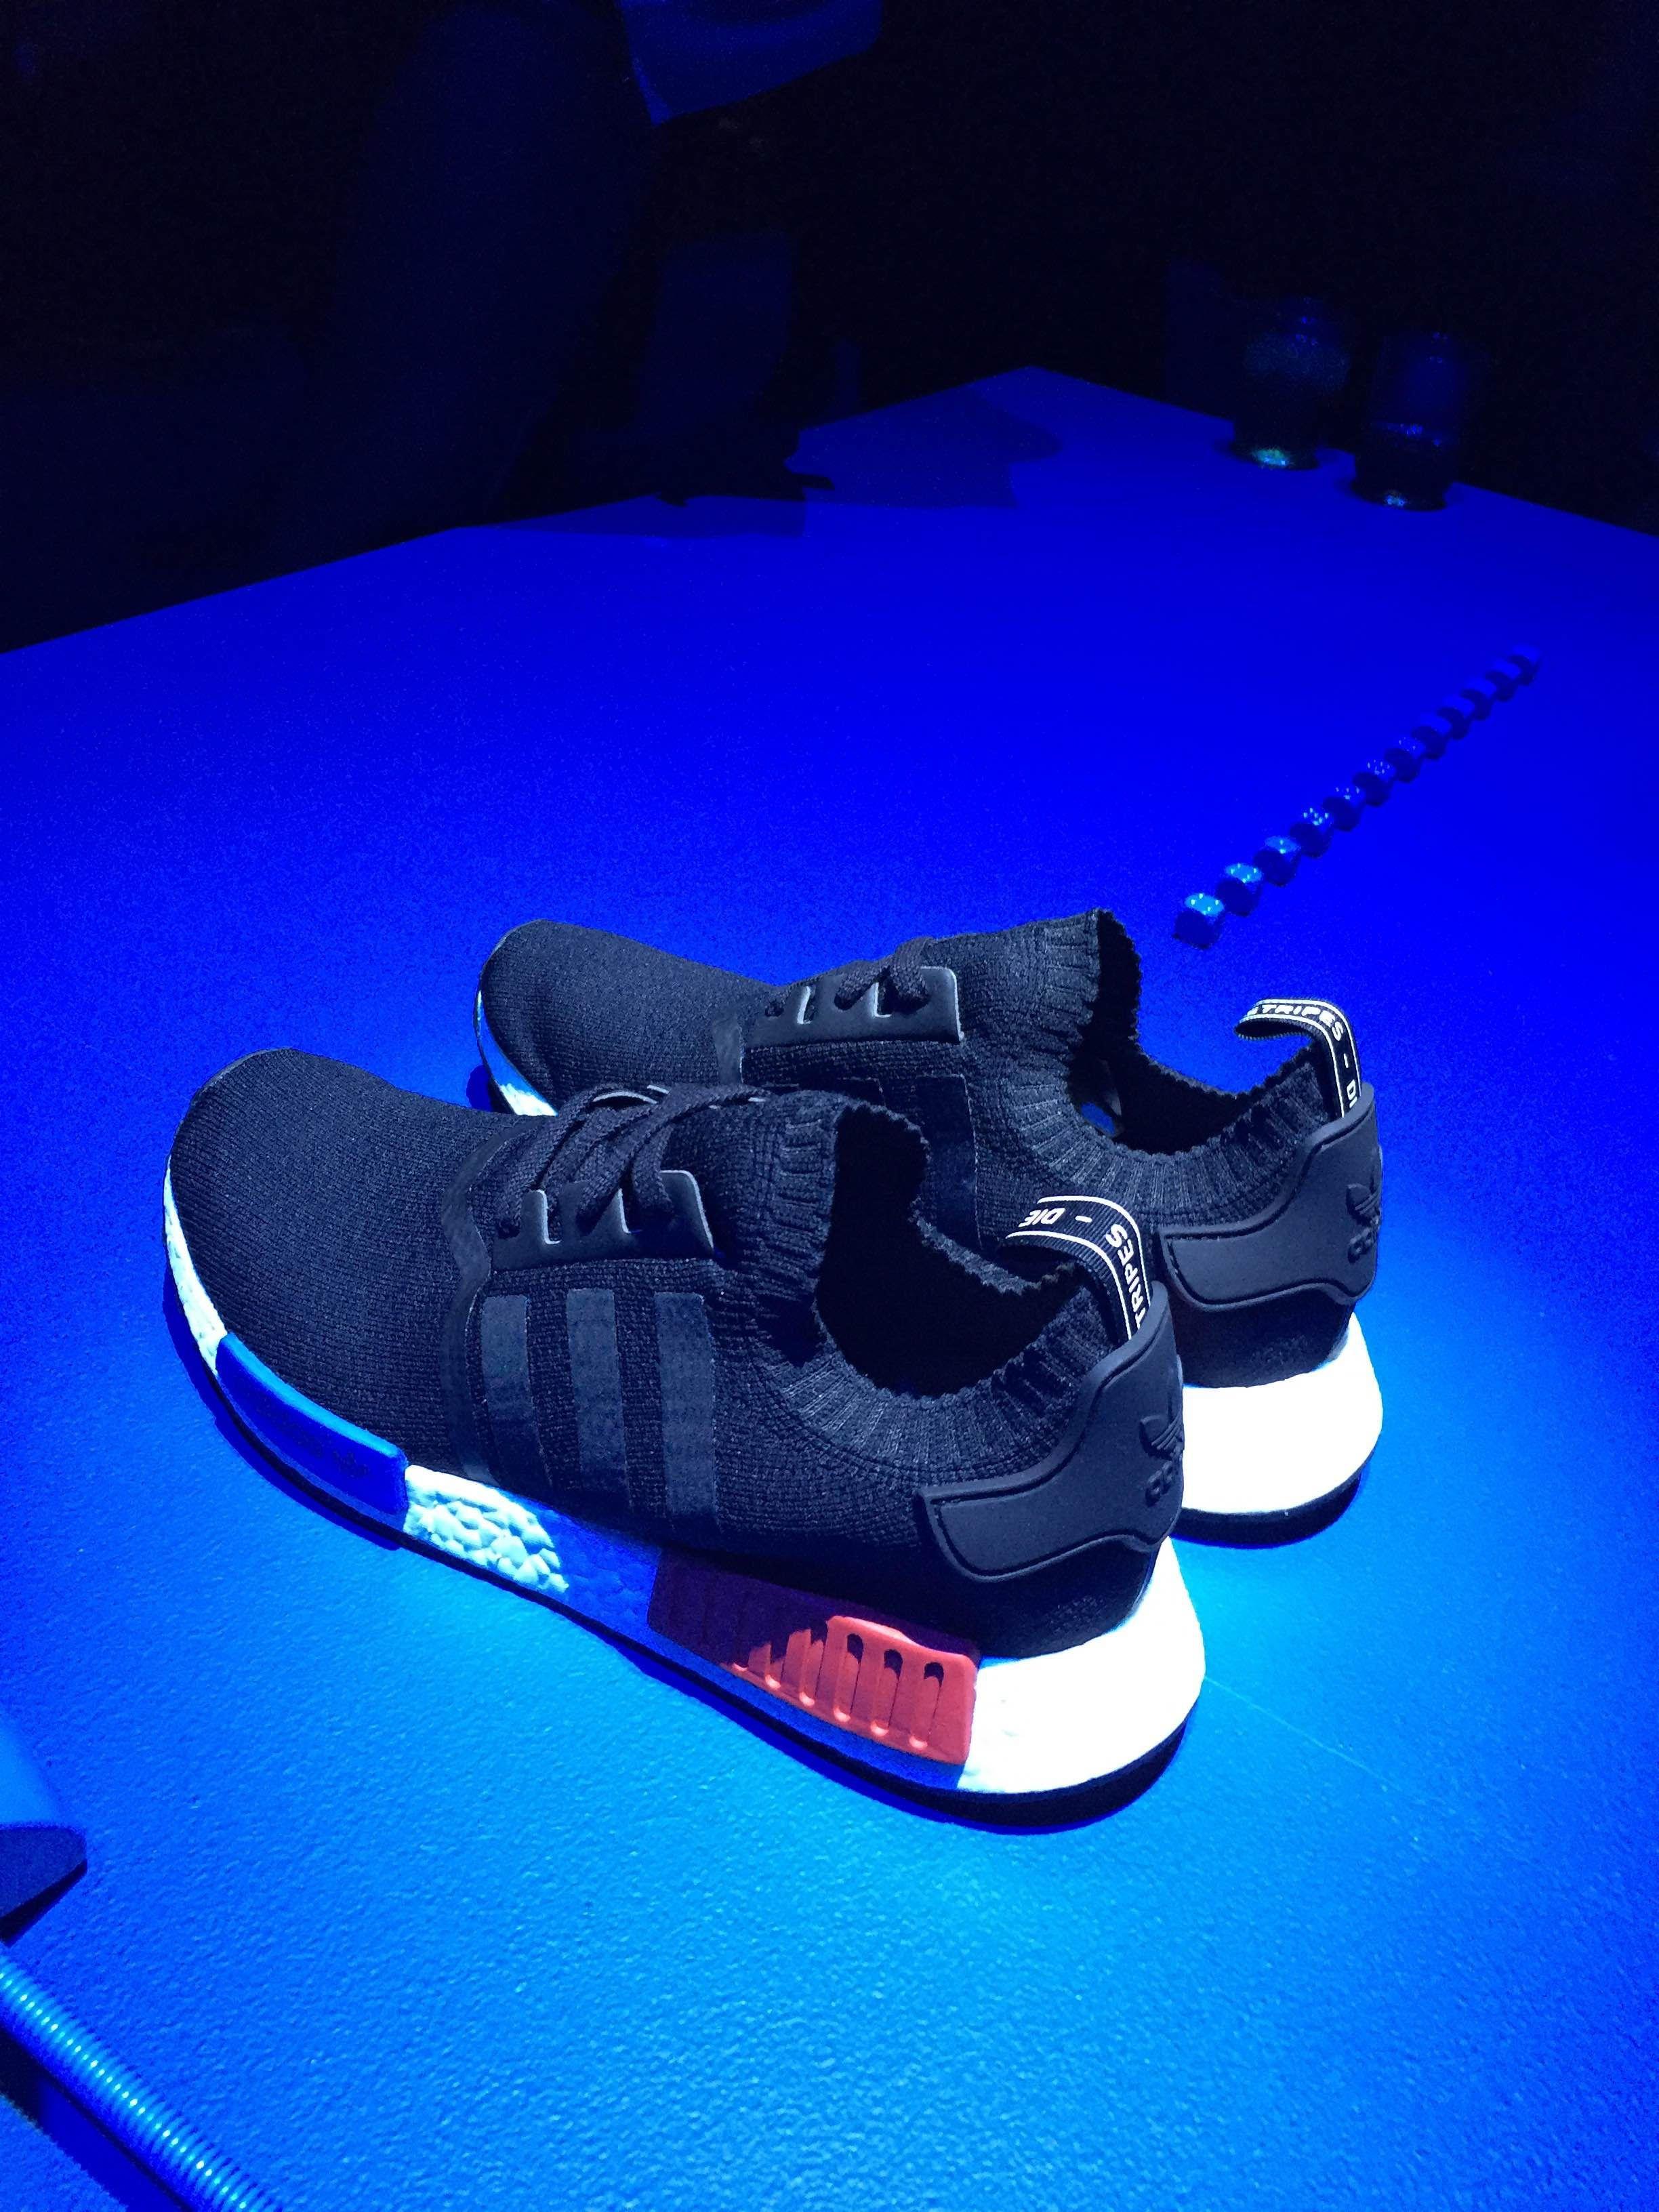 una prima occhiata al nuovo adidas nmd silhouette adidas nmd